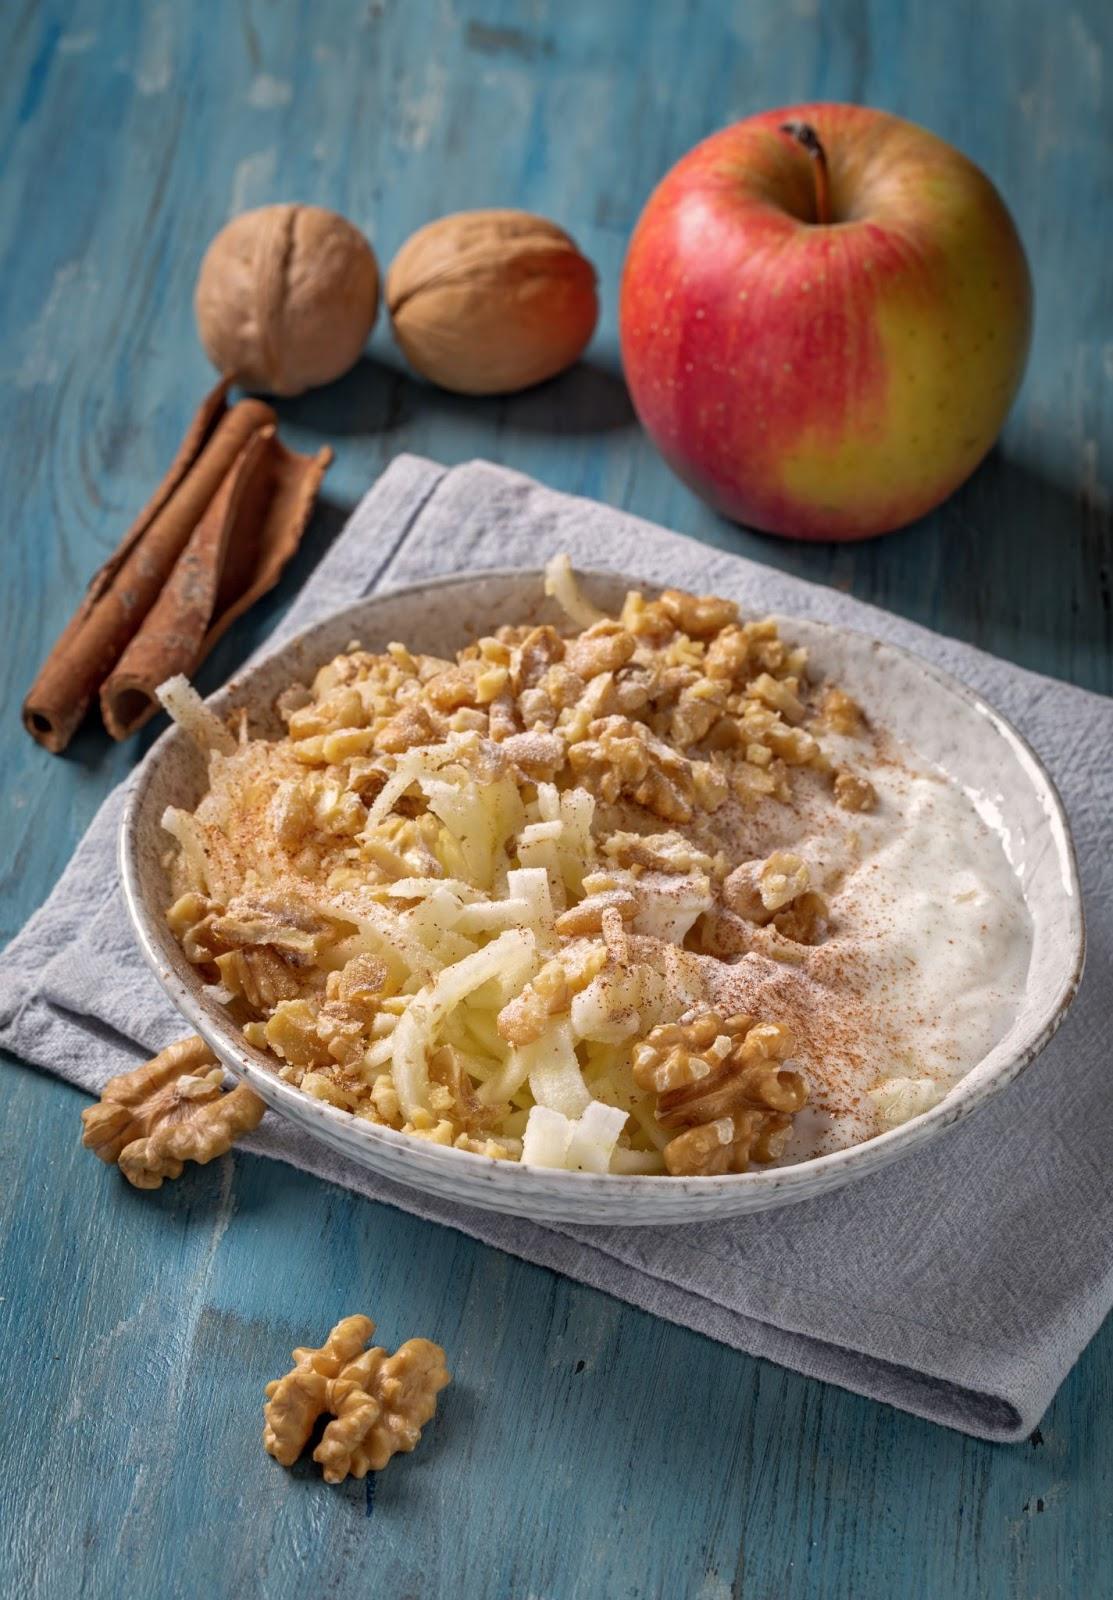 Preparación de manzanas ralladas con nueces